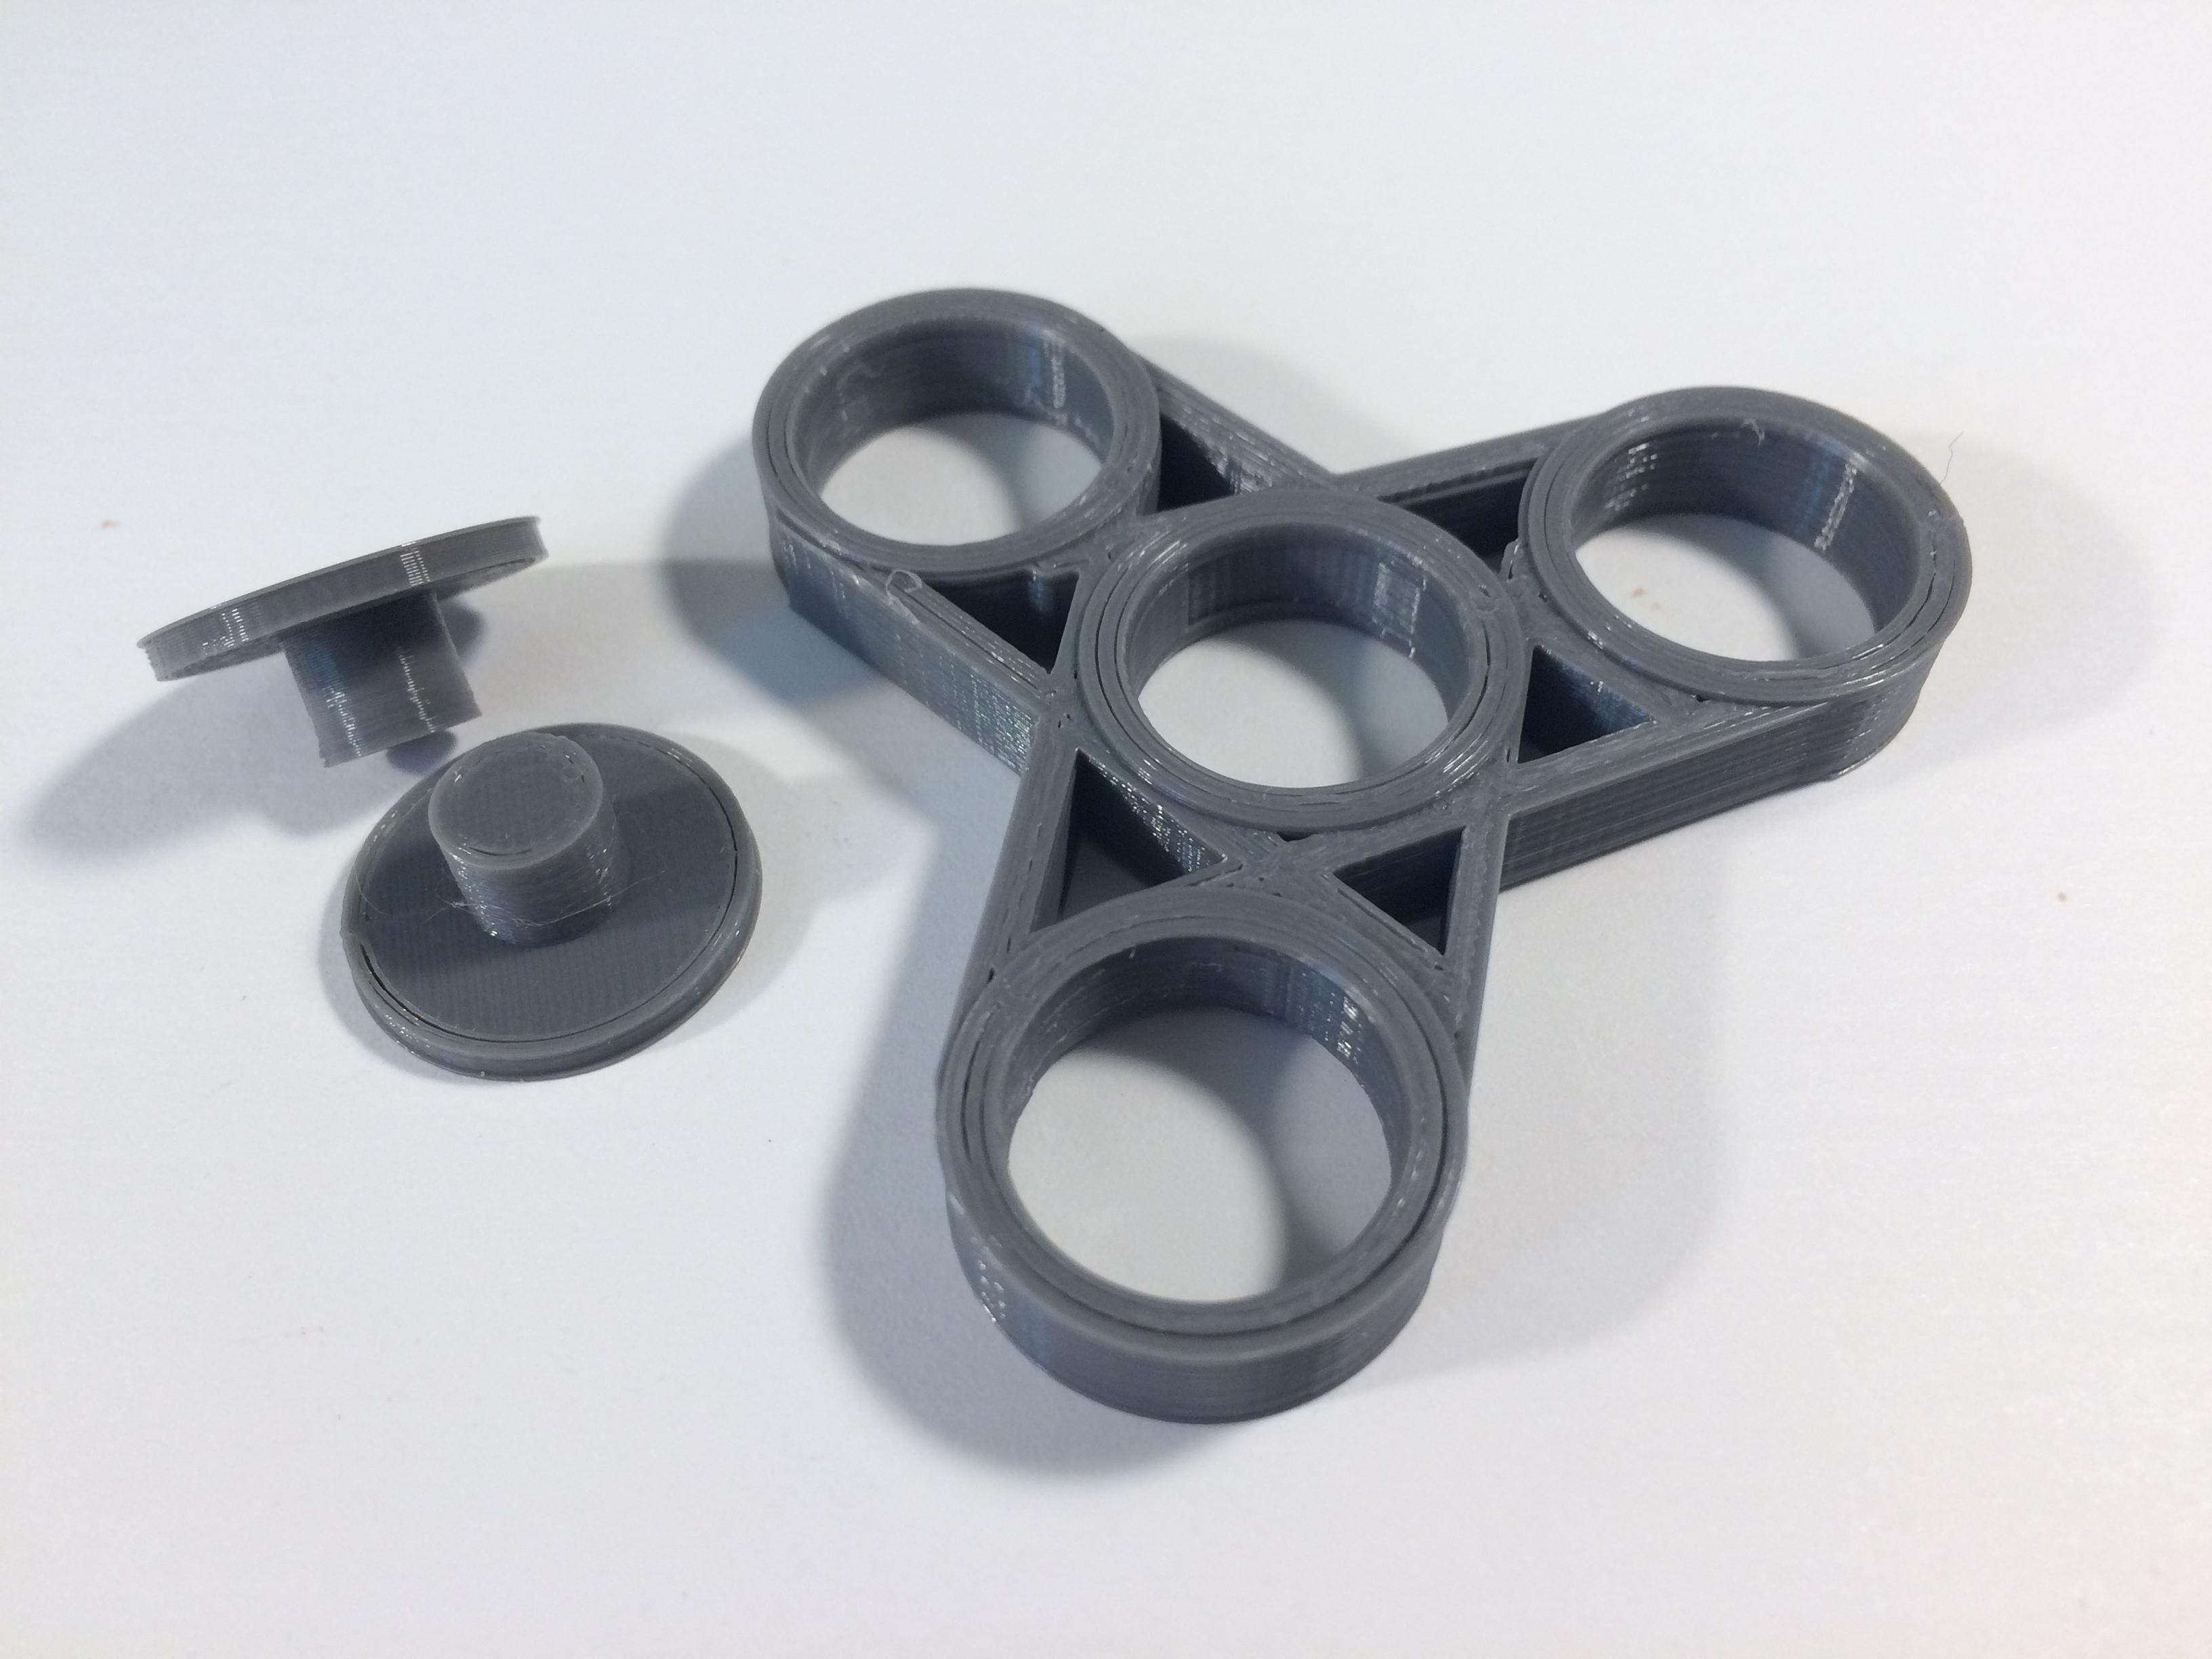 Fidget Spinner 1 image